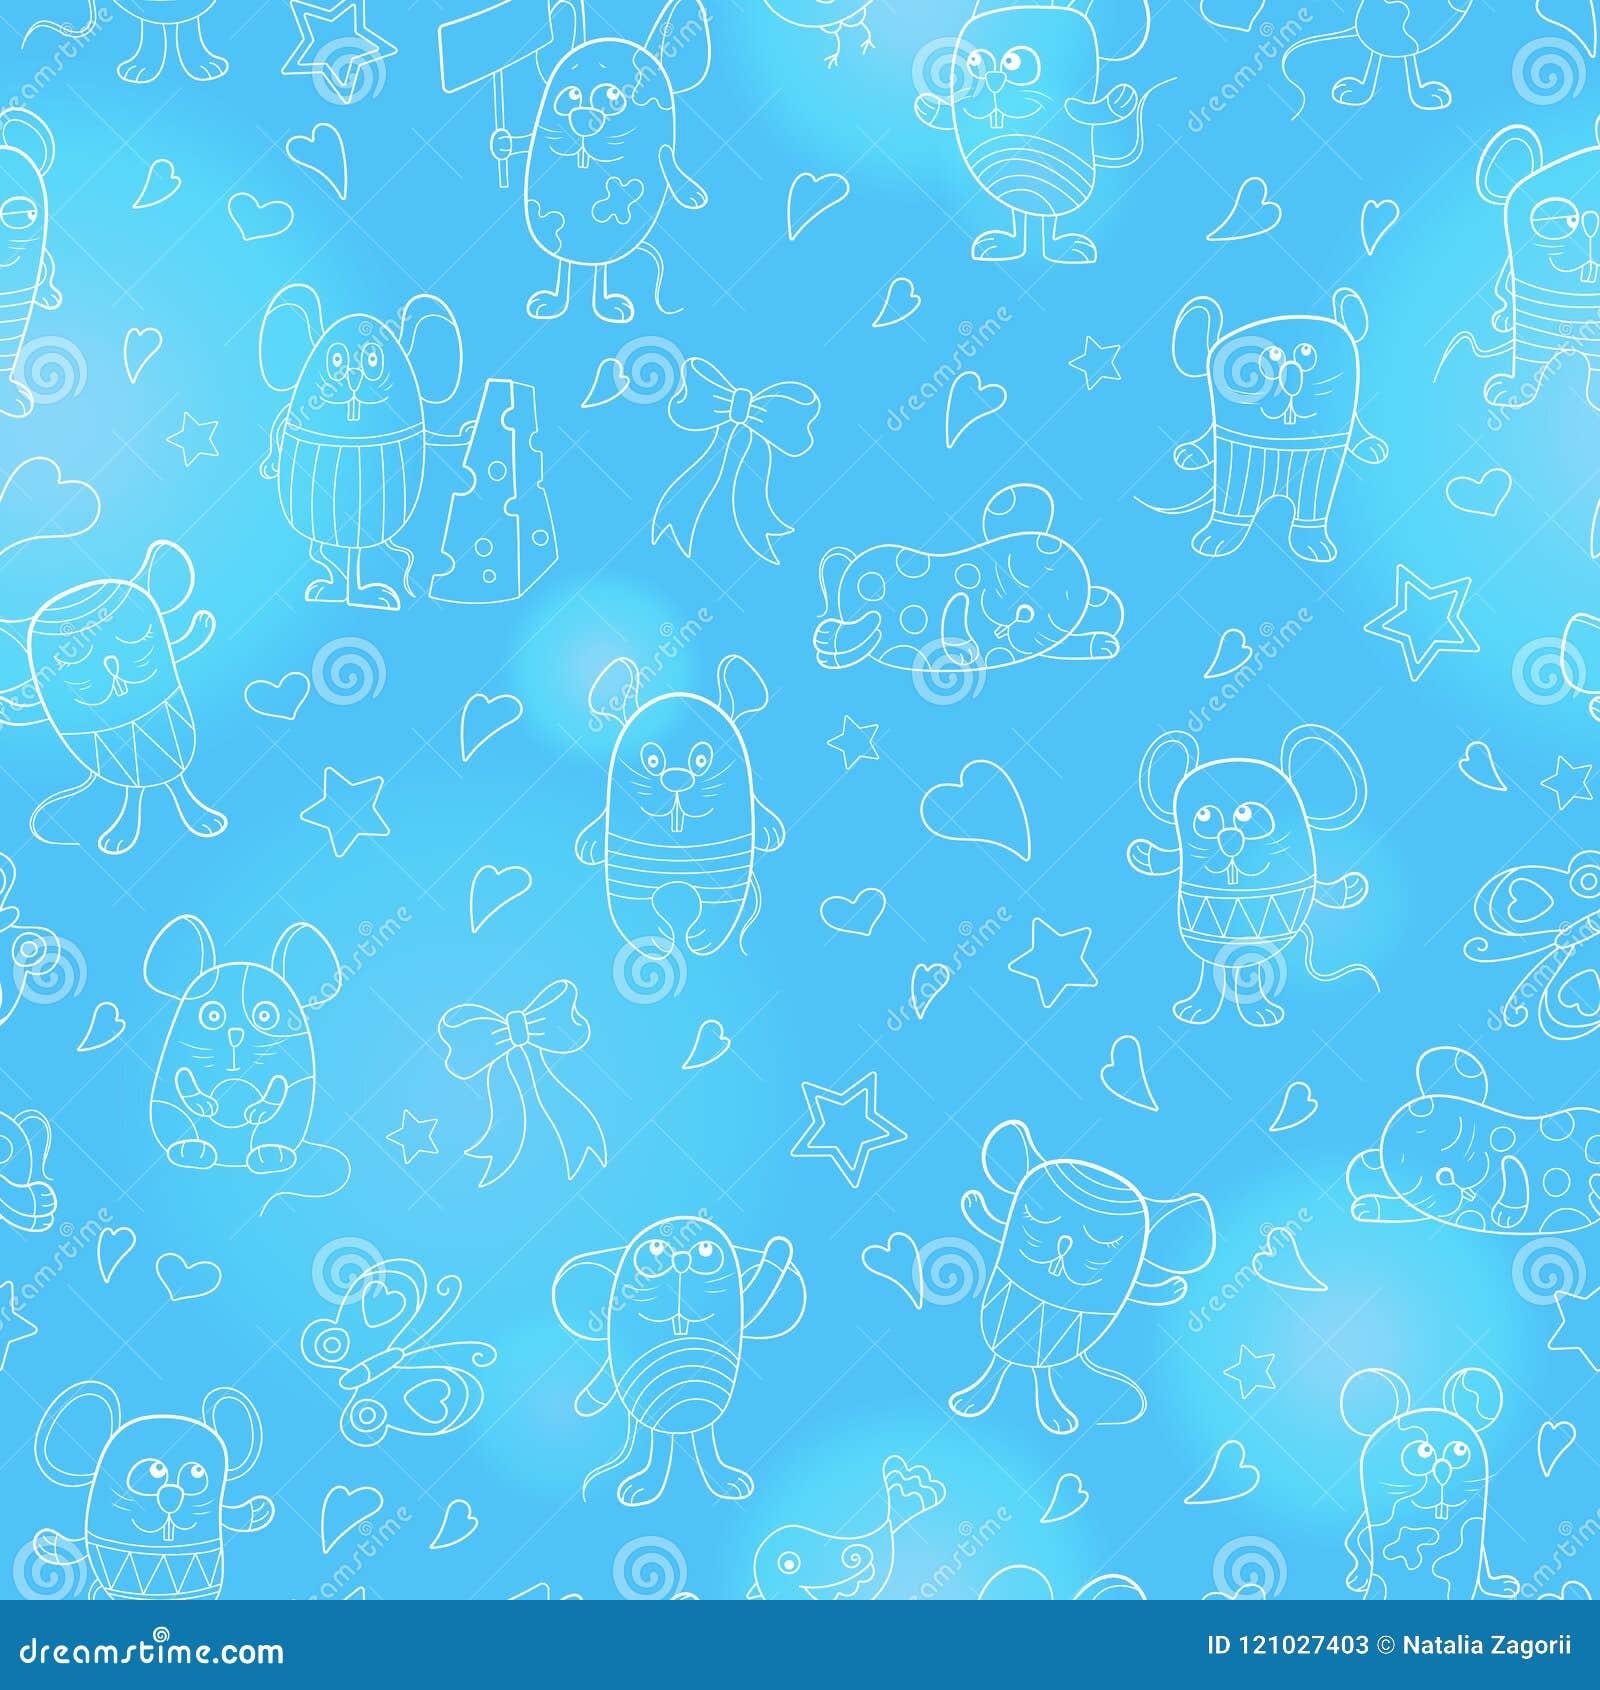 Ilustração sem emenda com mouses engraçados do contorno dos desenhos animados, o esboço branco em um fundo azul